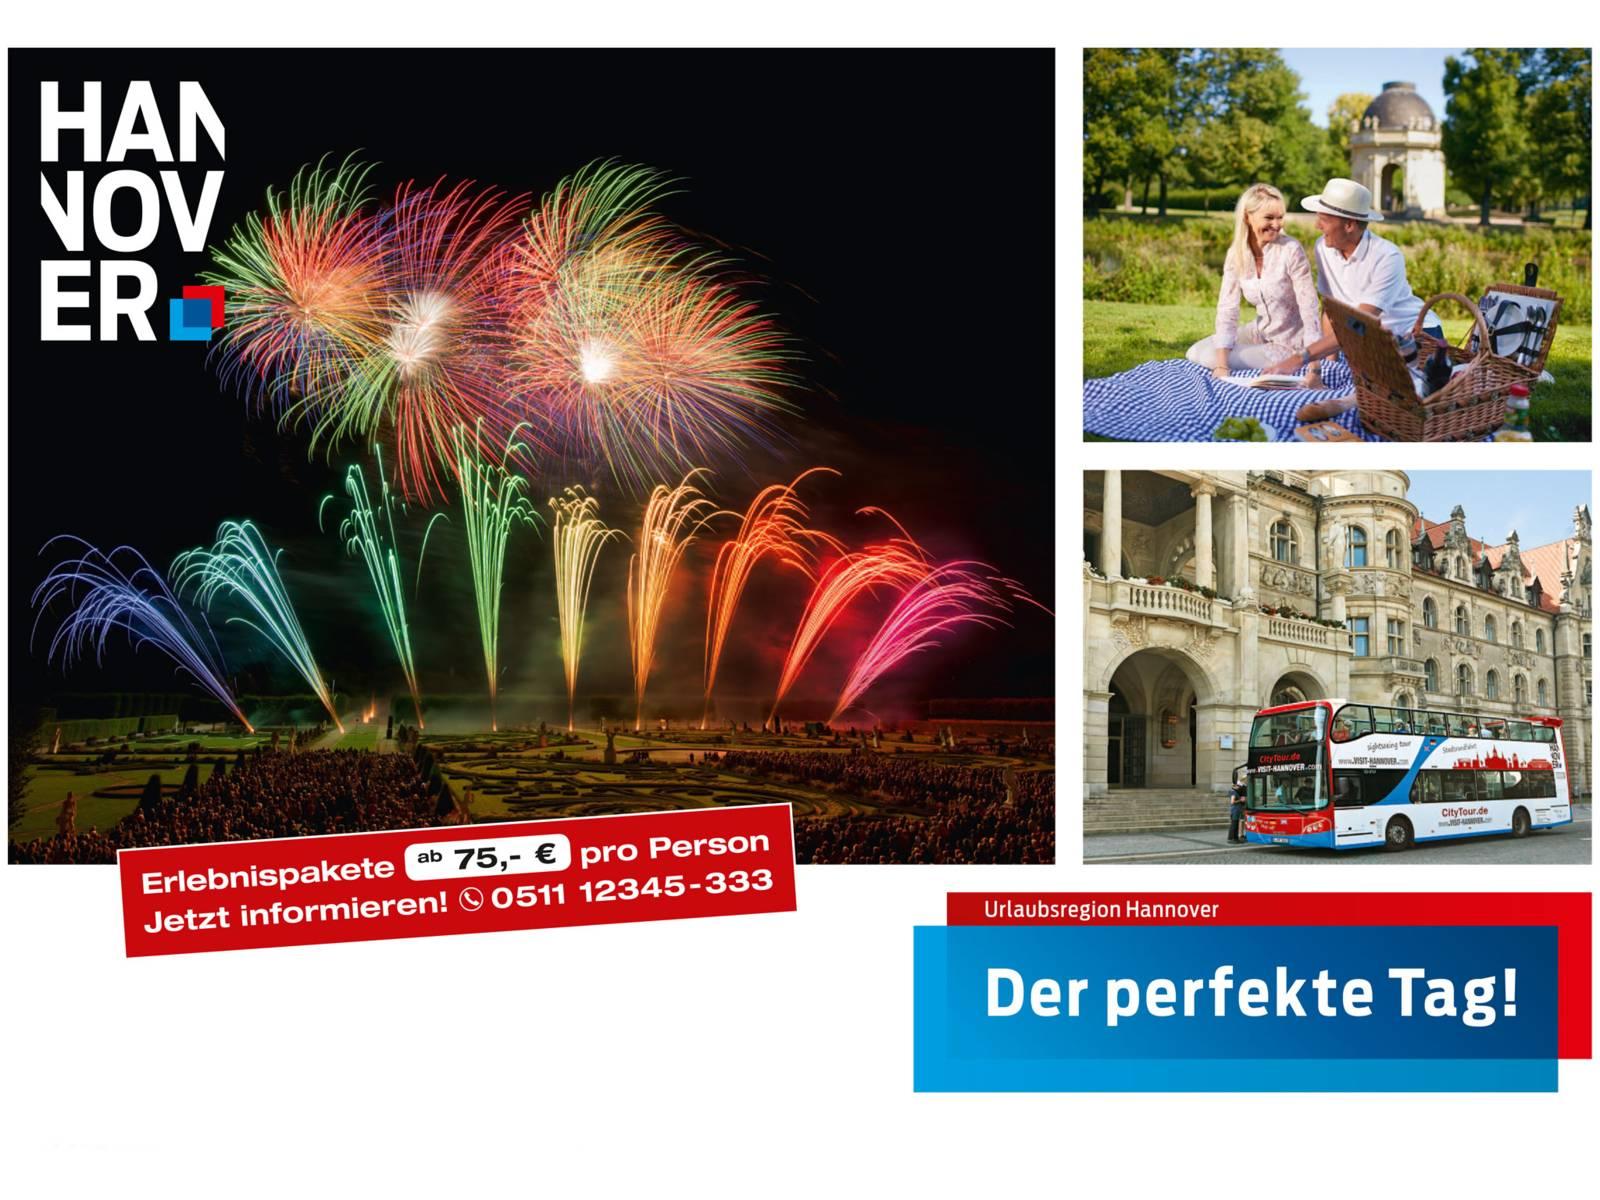 Erleben Sie den perfekten Tag in Hannover!